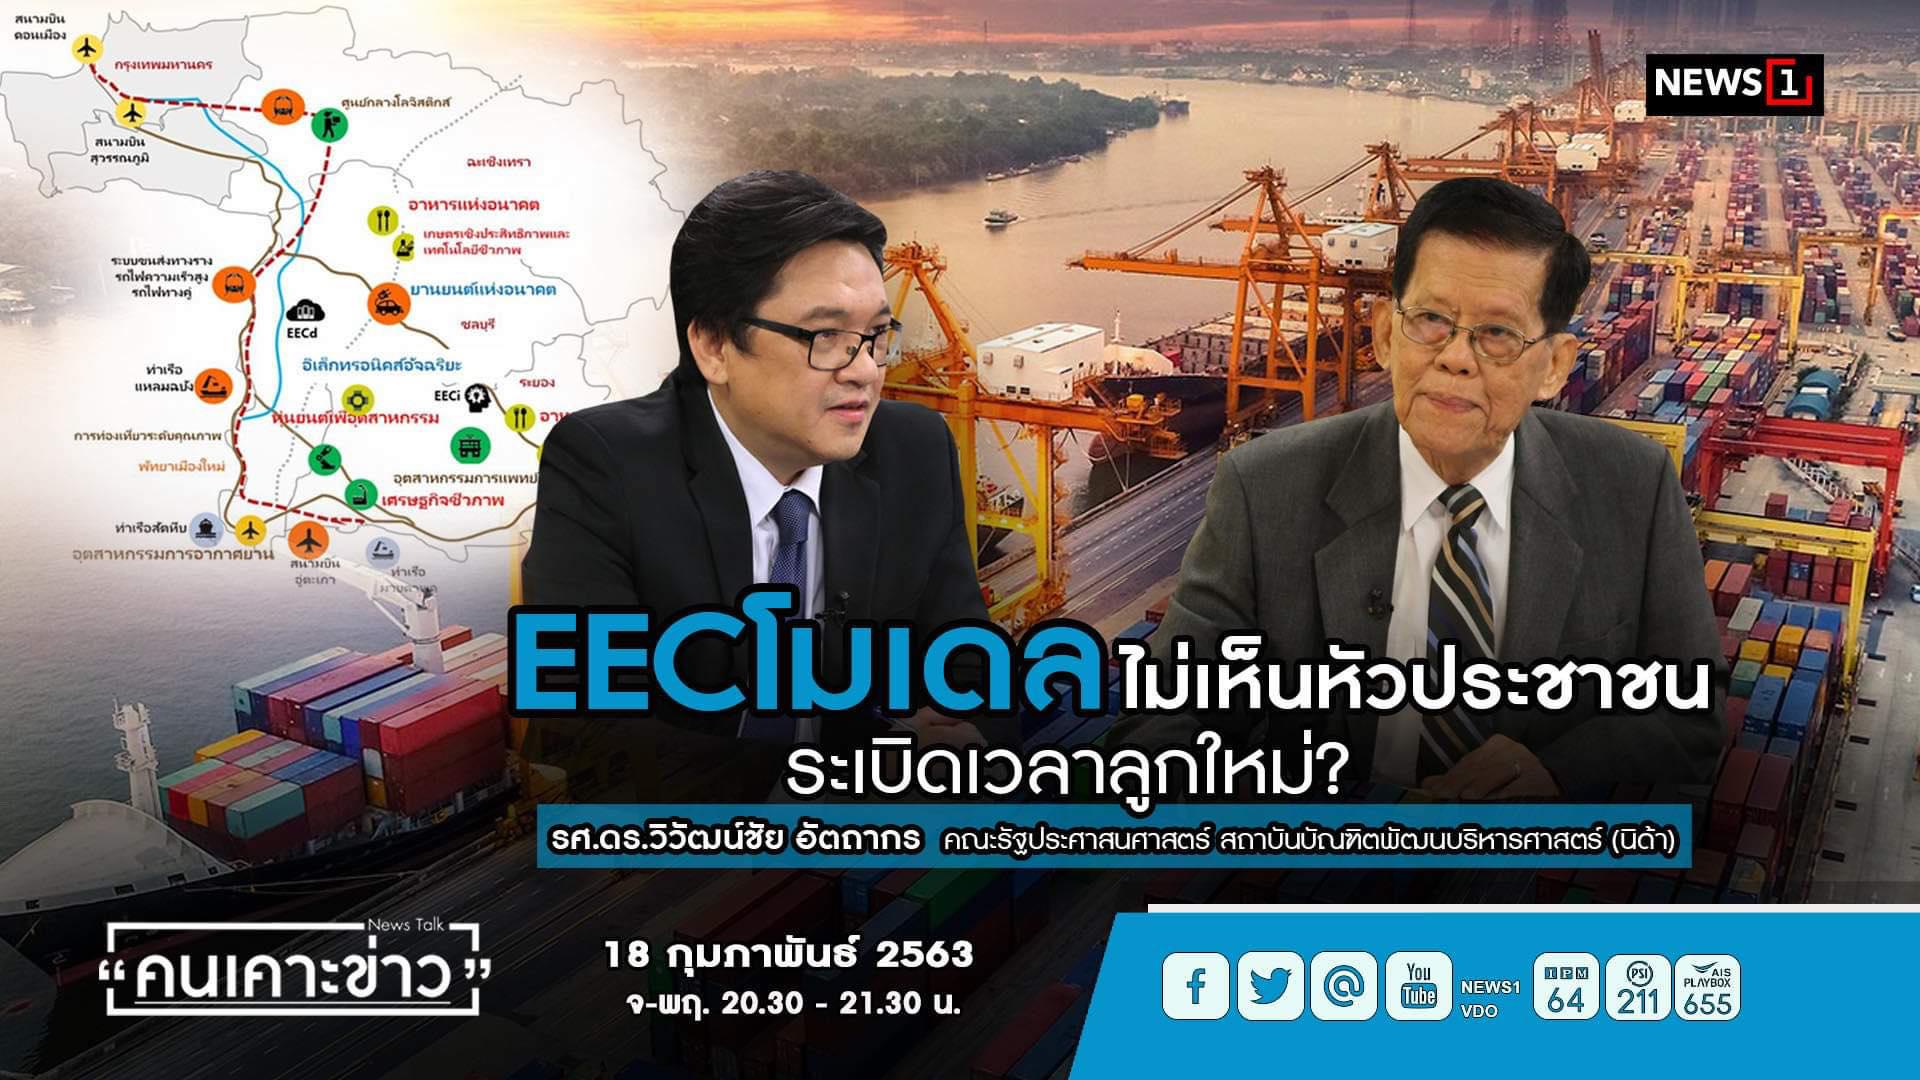 """""""นักวิชาการ"""" ชำแหละรัฐไม่เห็นหัว ปชช.ผุดเขต ศก.พิเศษ 20 จังหวัดทั่วไทย ห่วงอนาคตเกิดสงครามแย่งชิงน้ำ"""